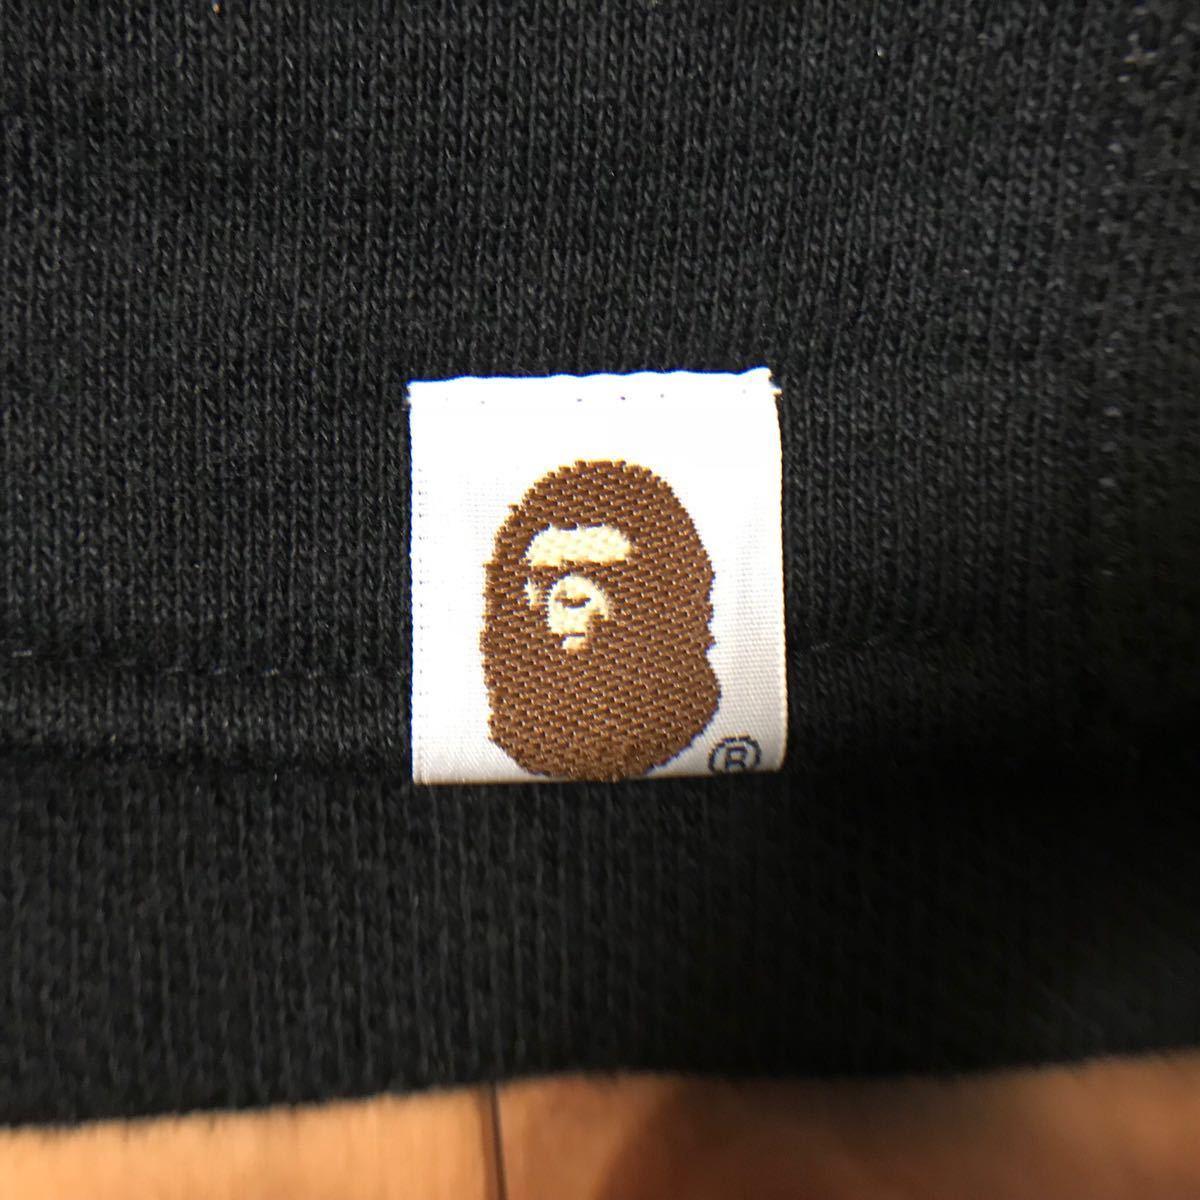 ★激レア★ stash × bape スウェット スタジャン Mサイズ a bathing ape エイプ ベイプ アベイシングエイプ スタッシュ varsity jacket